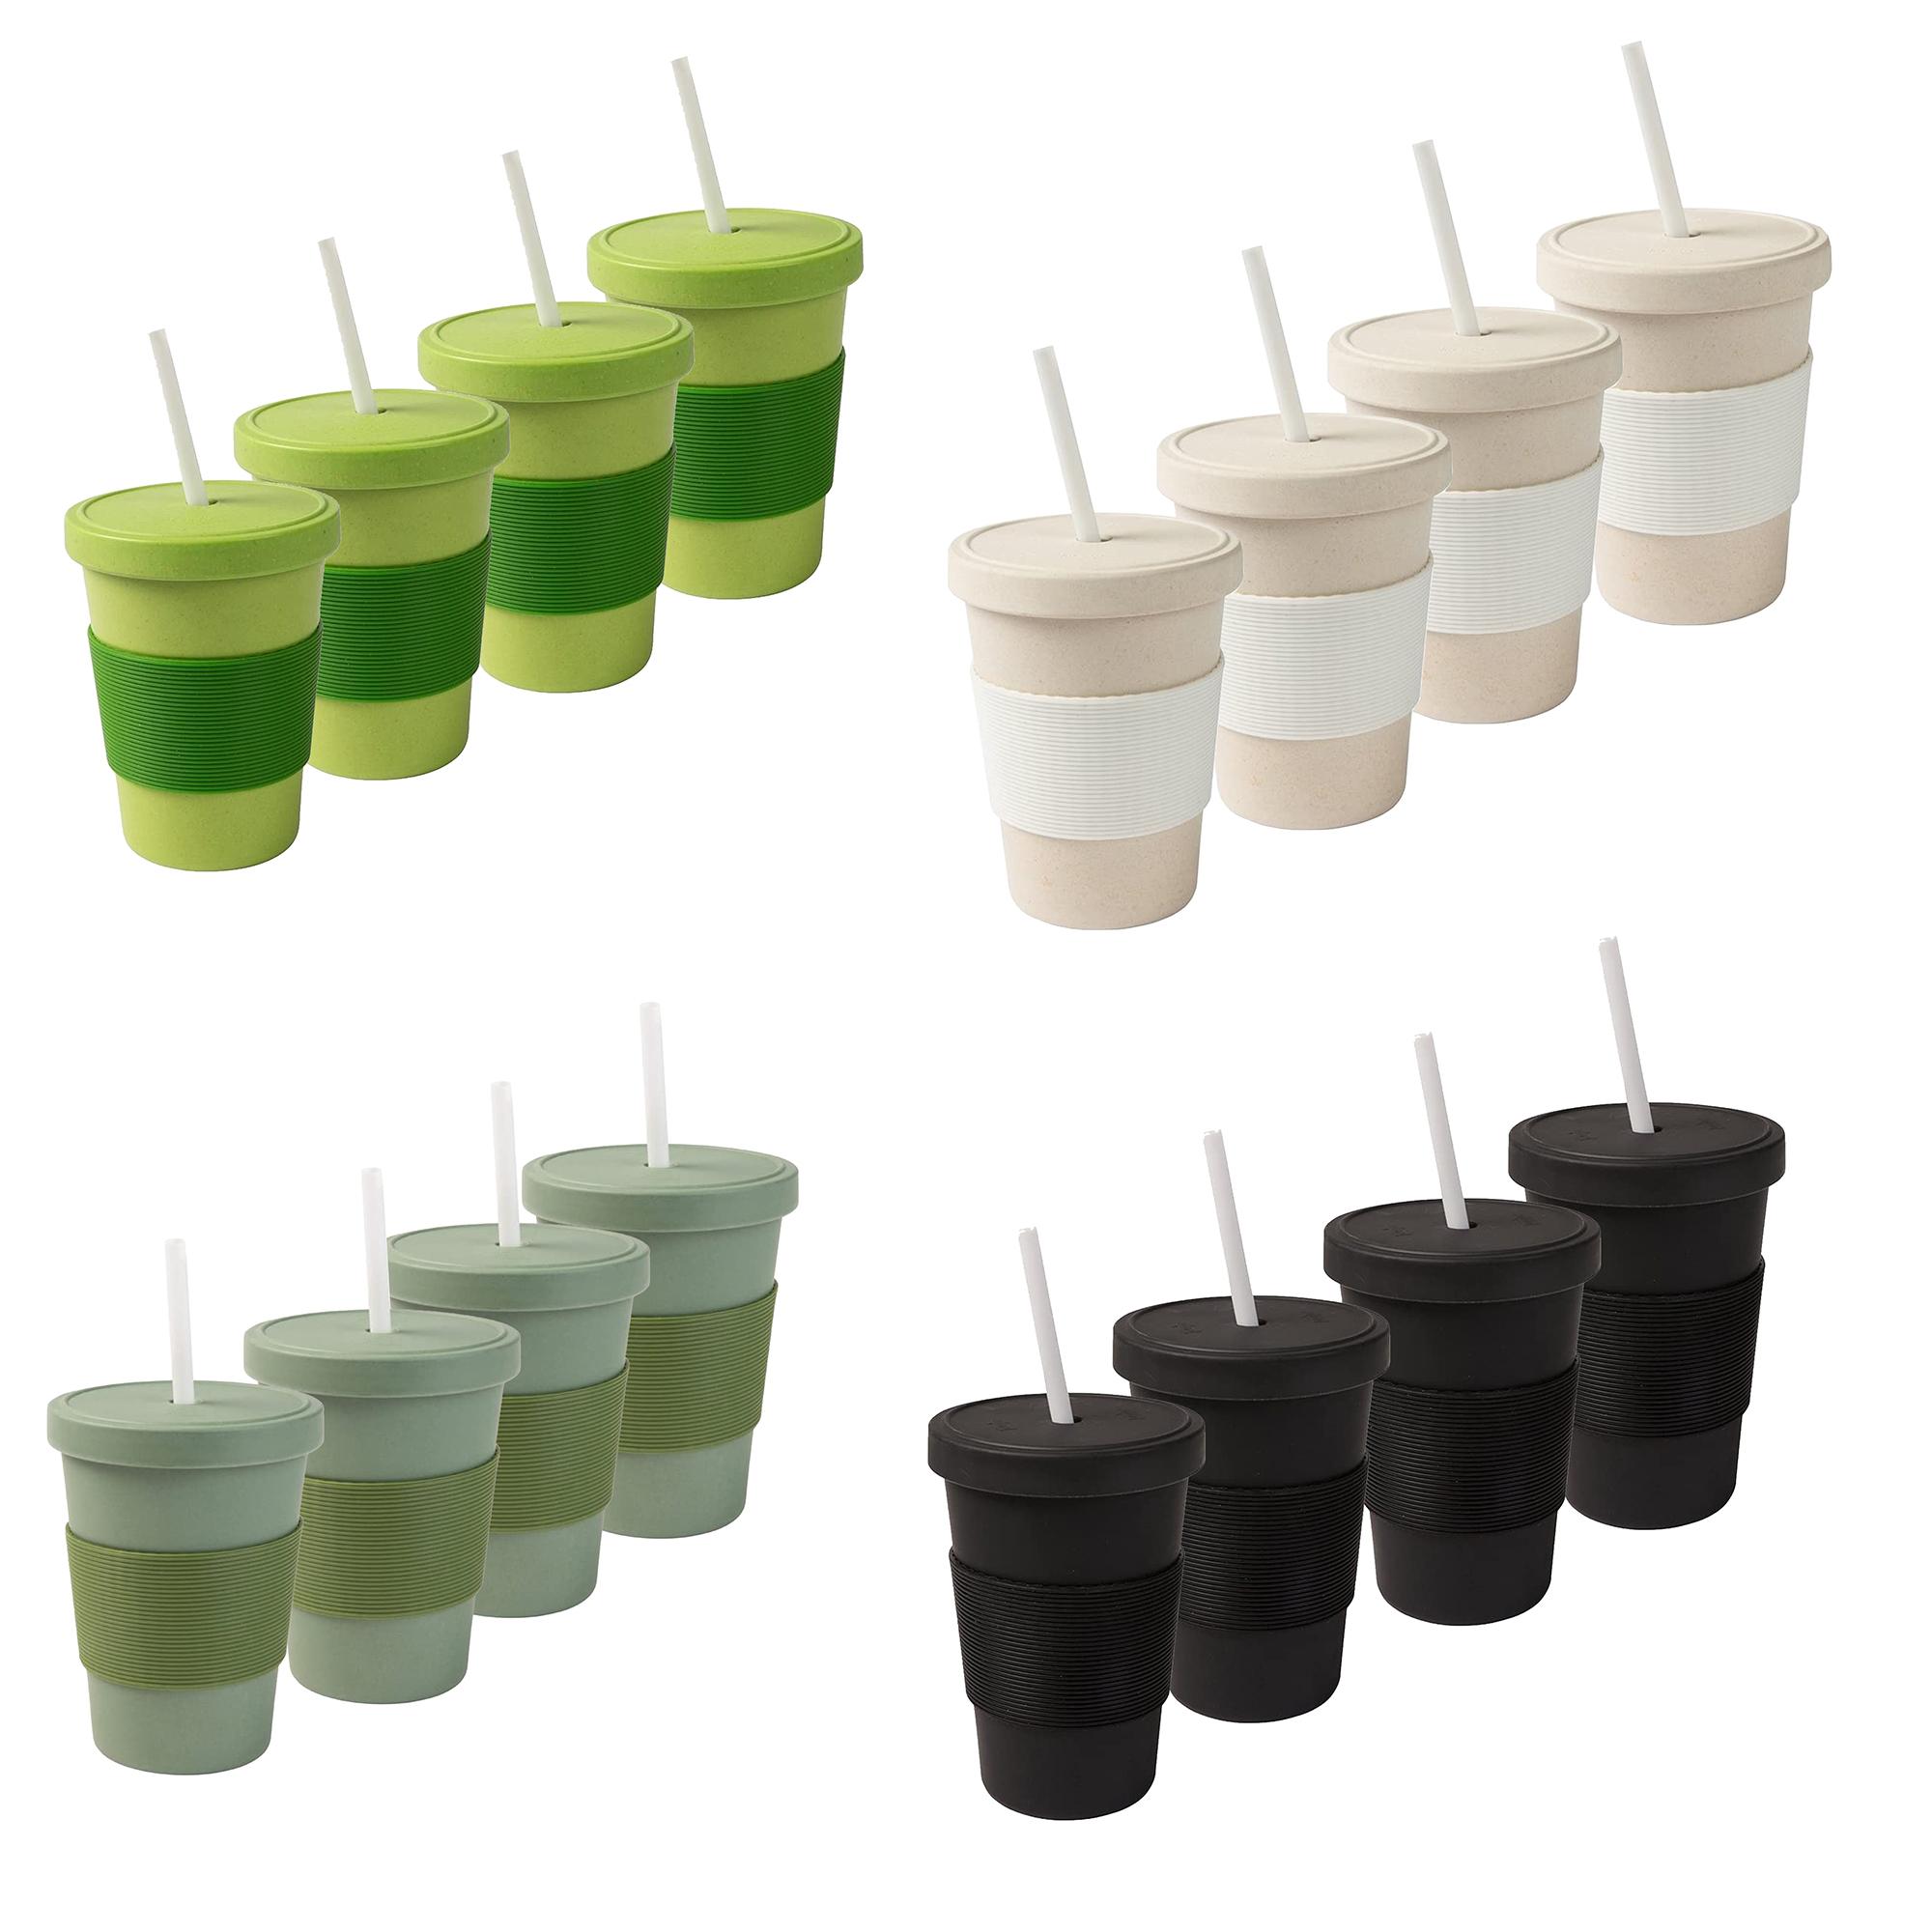 Vier Bambus-Kaffeebecher für 9,99€ inkl. Versand (je 400ml, vier Farben zur Auswahl, Silikon-Griffhülle, spülmaschinengeeignet)